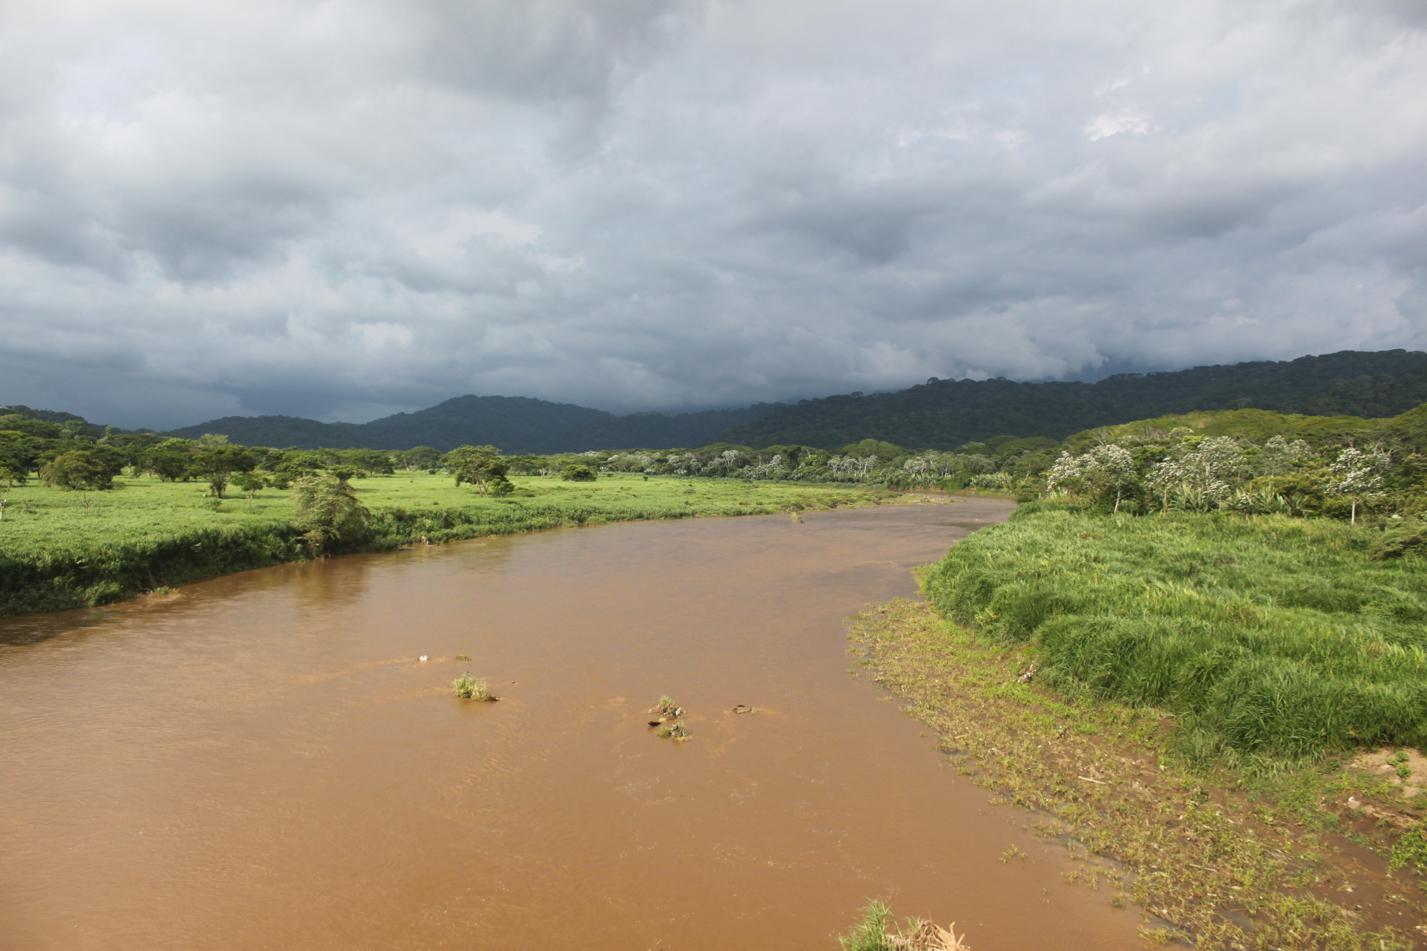 Dieser Fluss ist voll von Krokodilen.